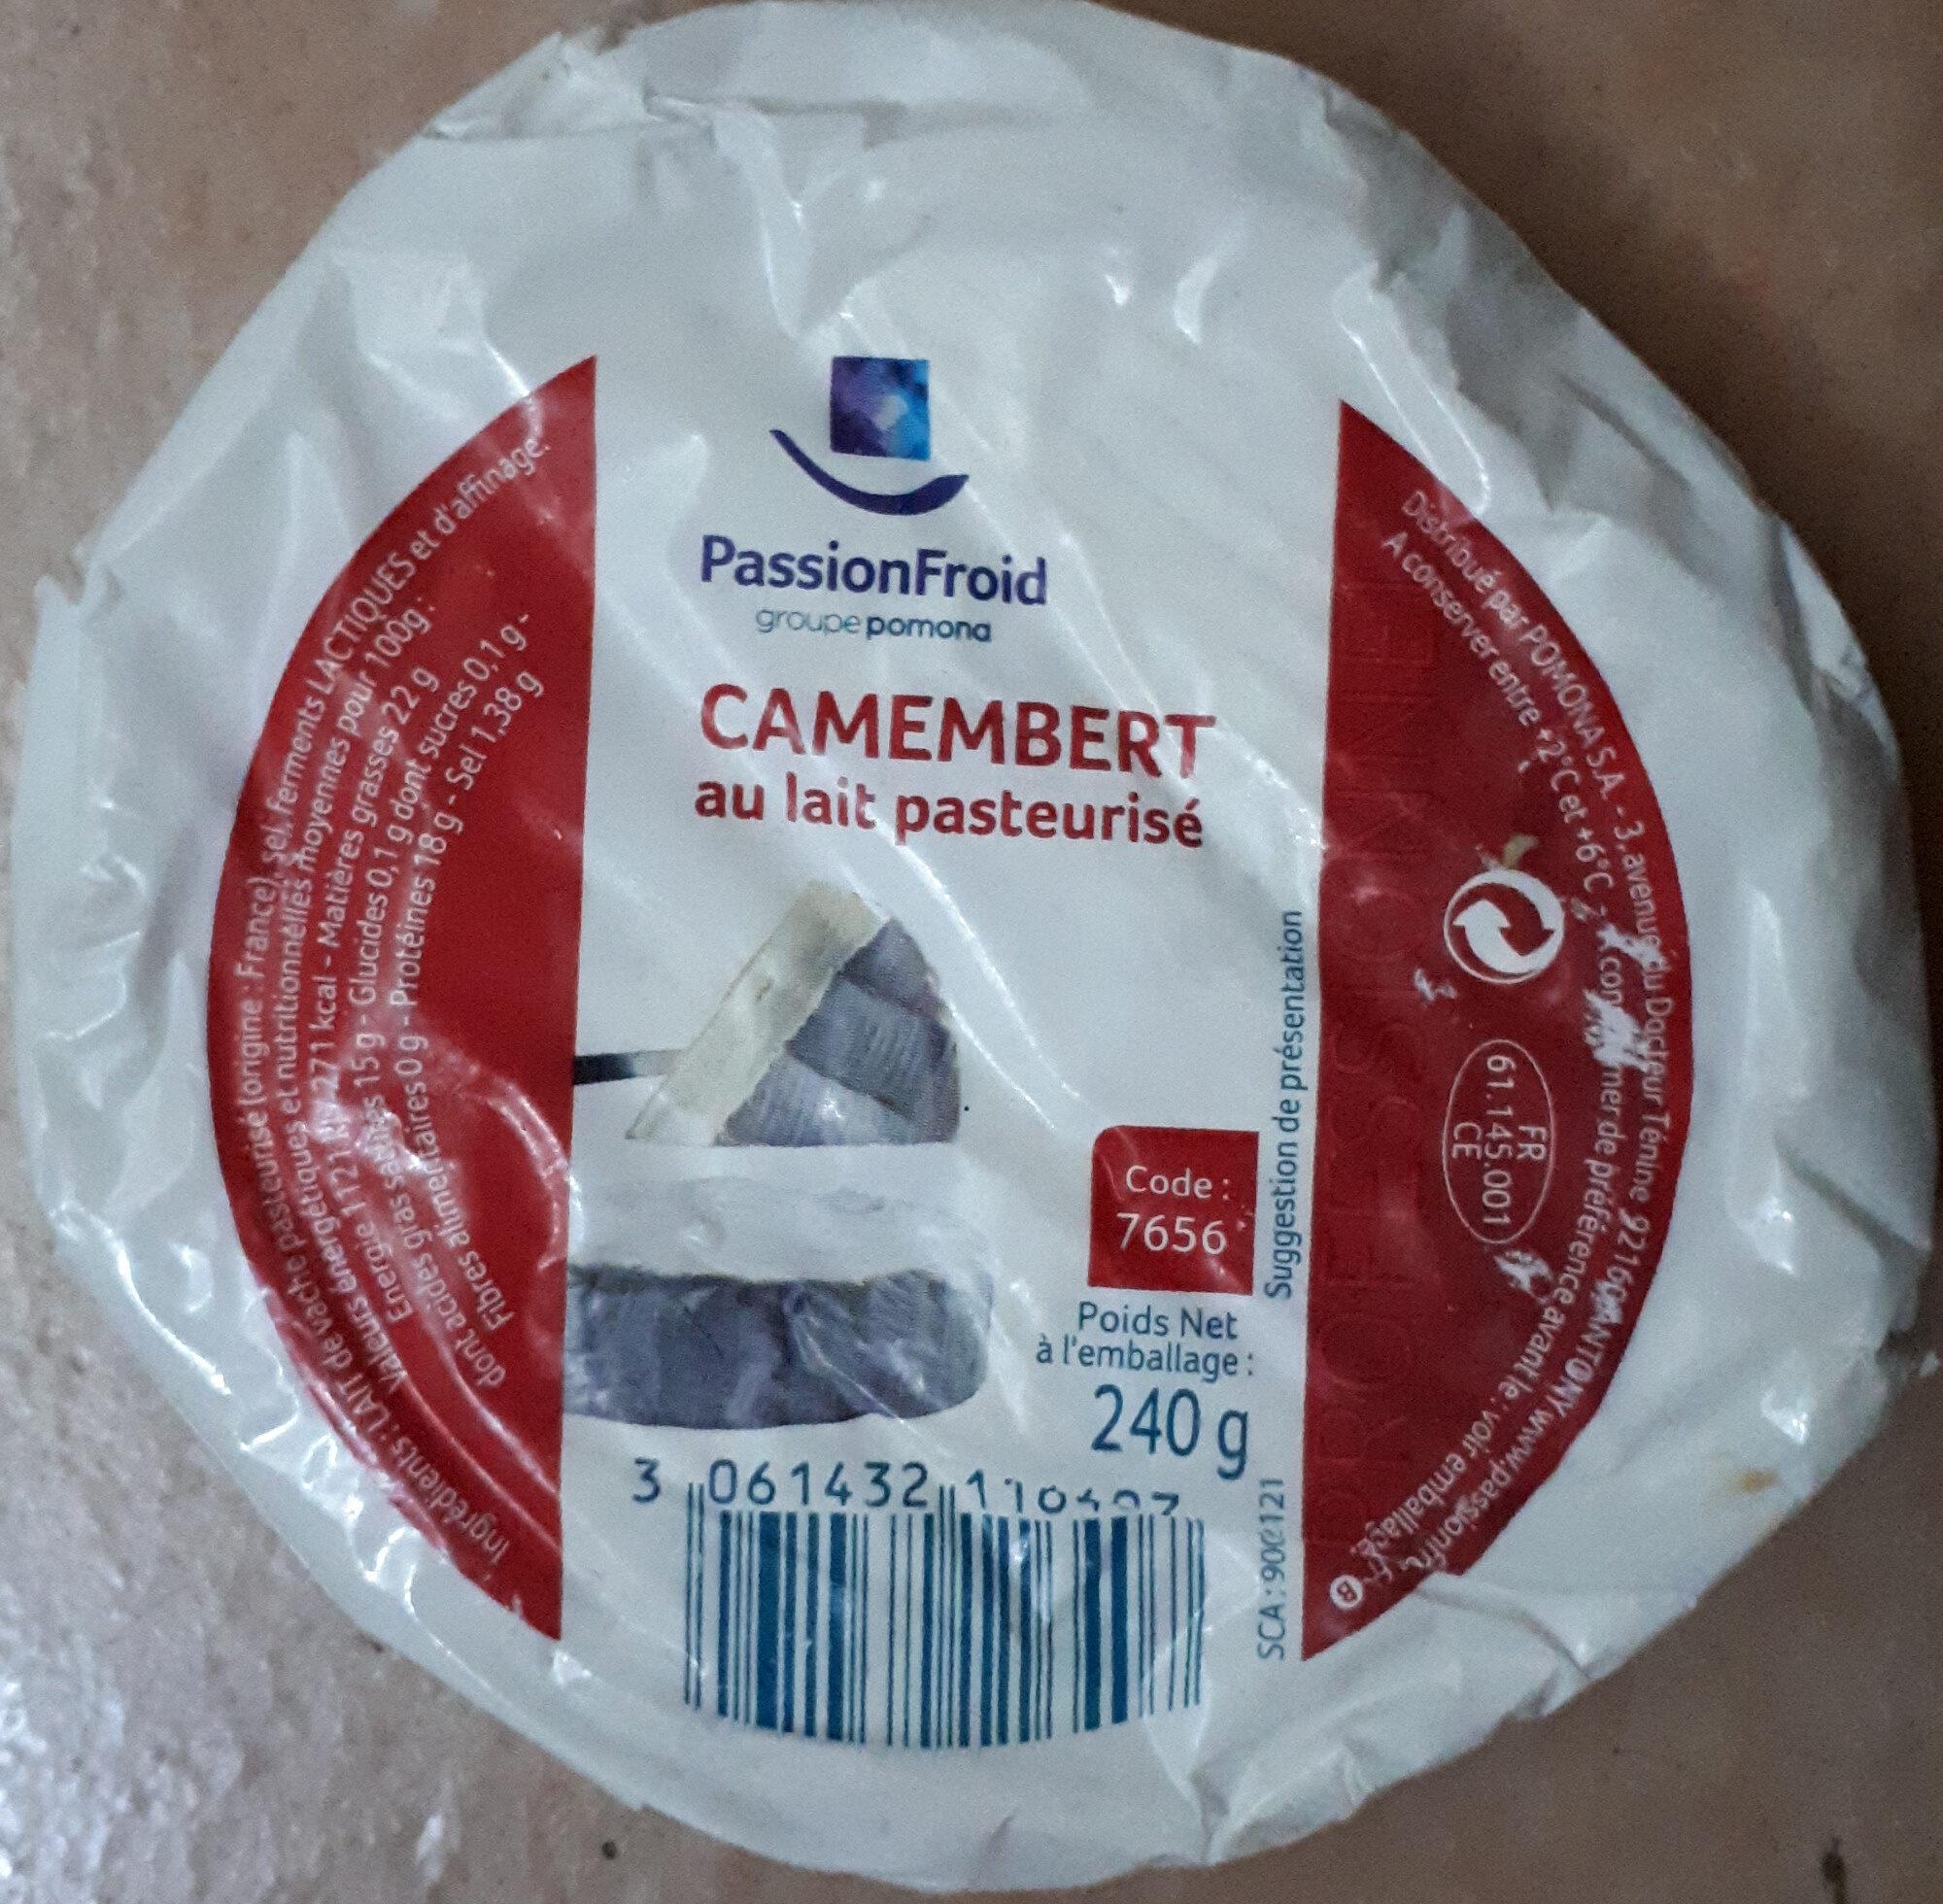 Camembert au lait pasteurisé - Produit - fr